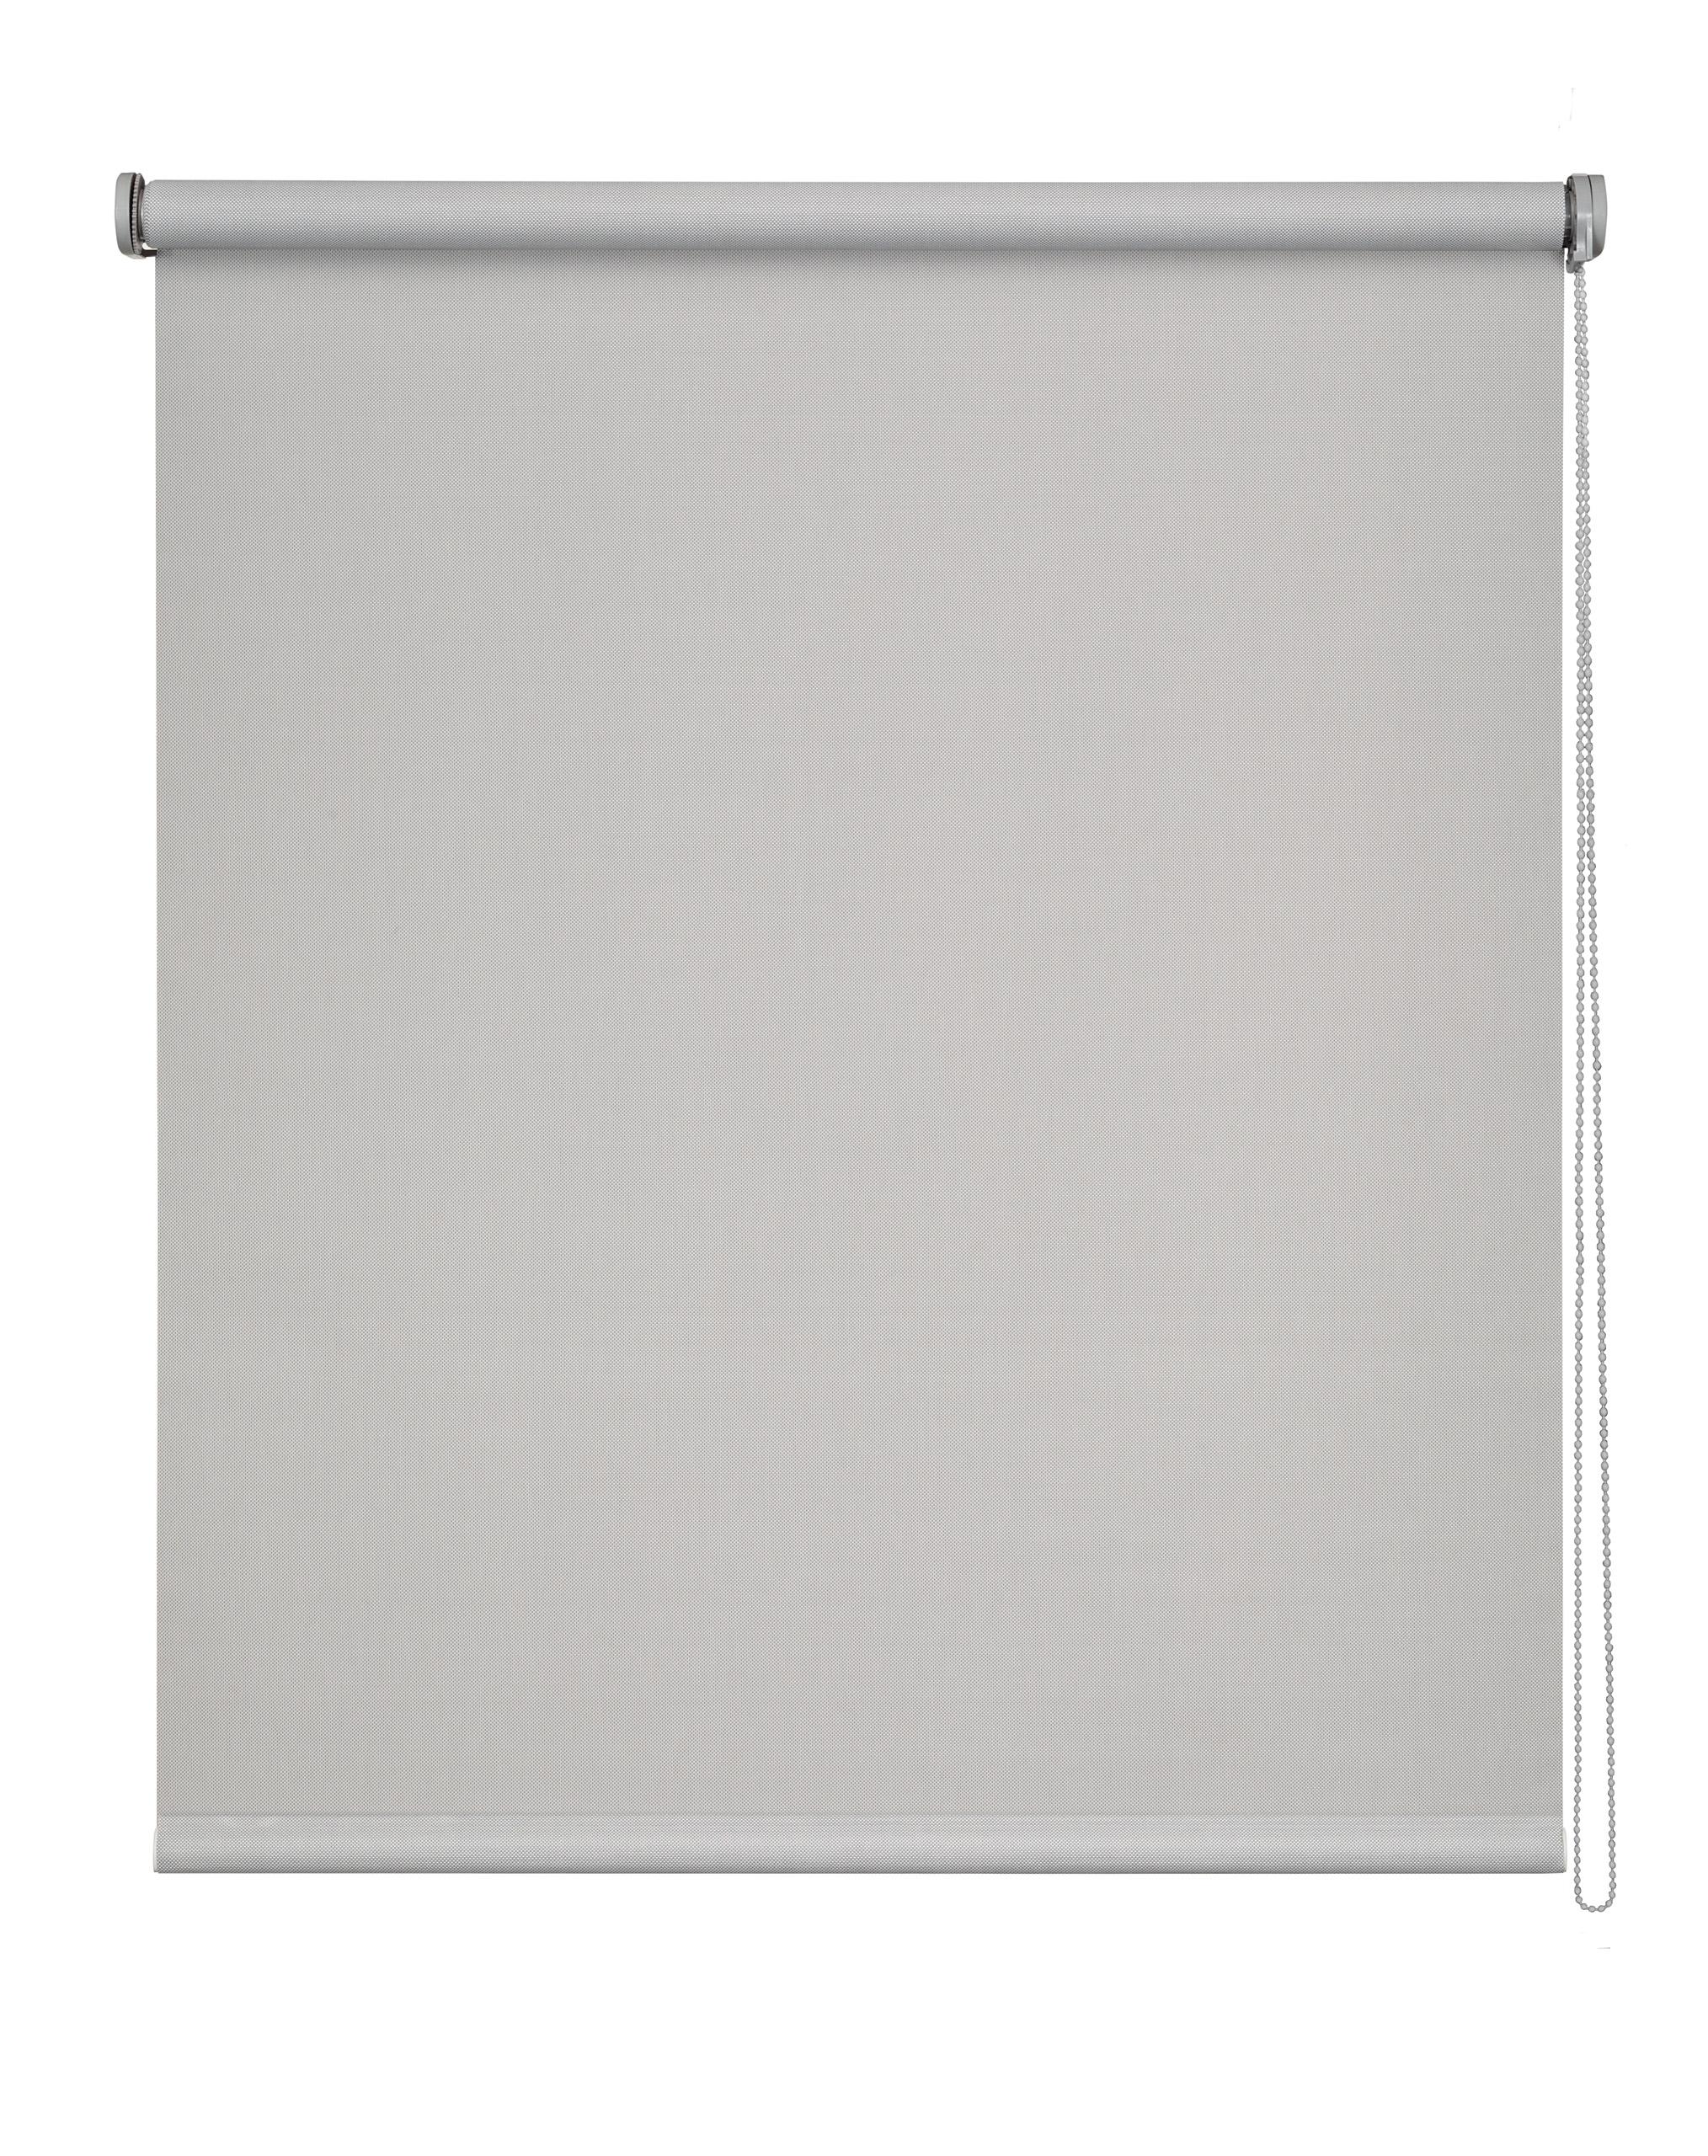 Store Enrouleur voile Screen - Beige - 200 x 250 cm